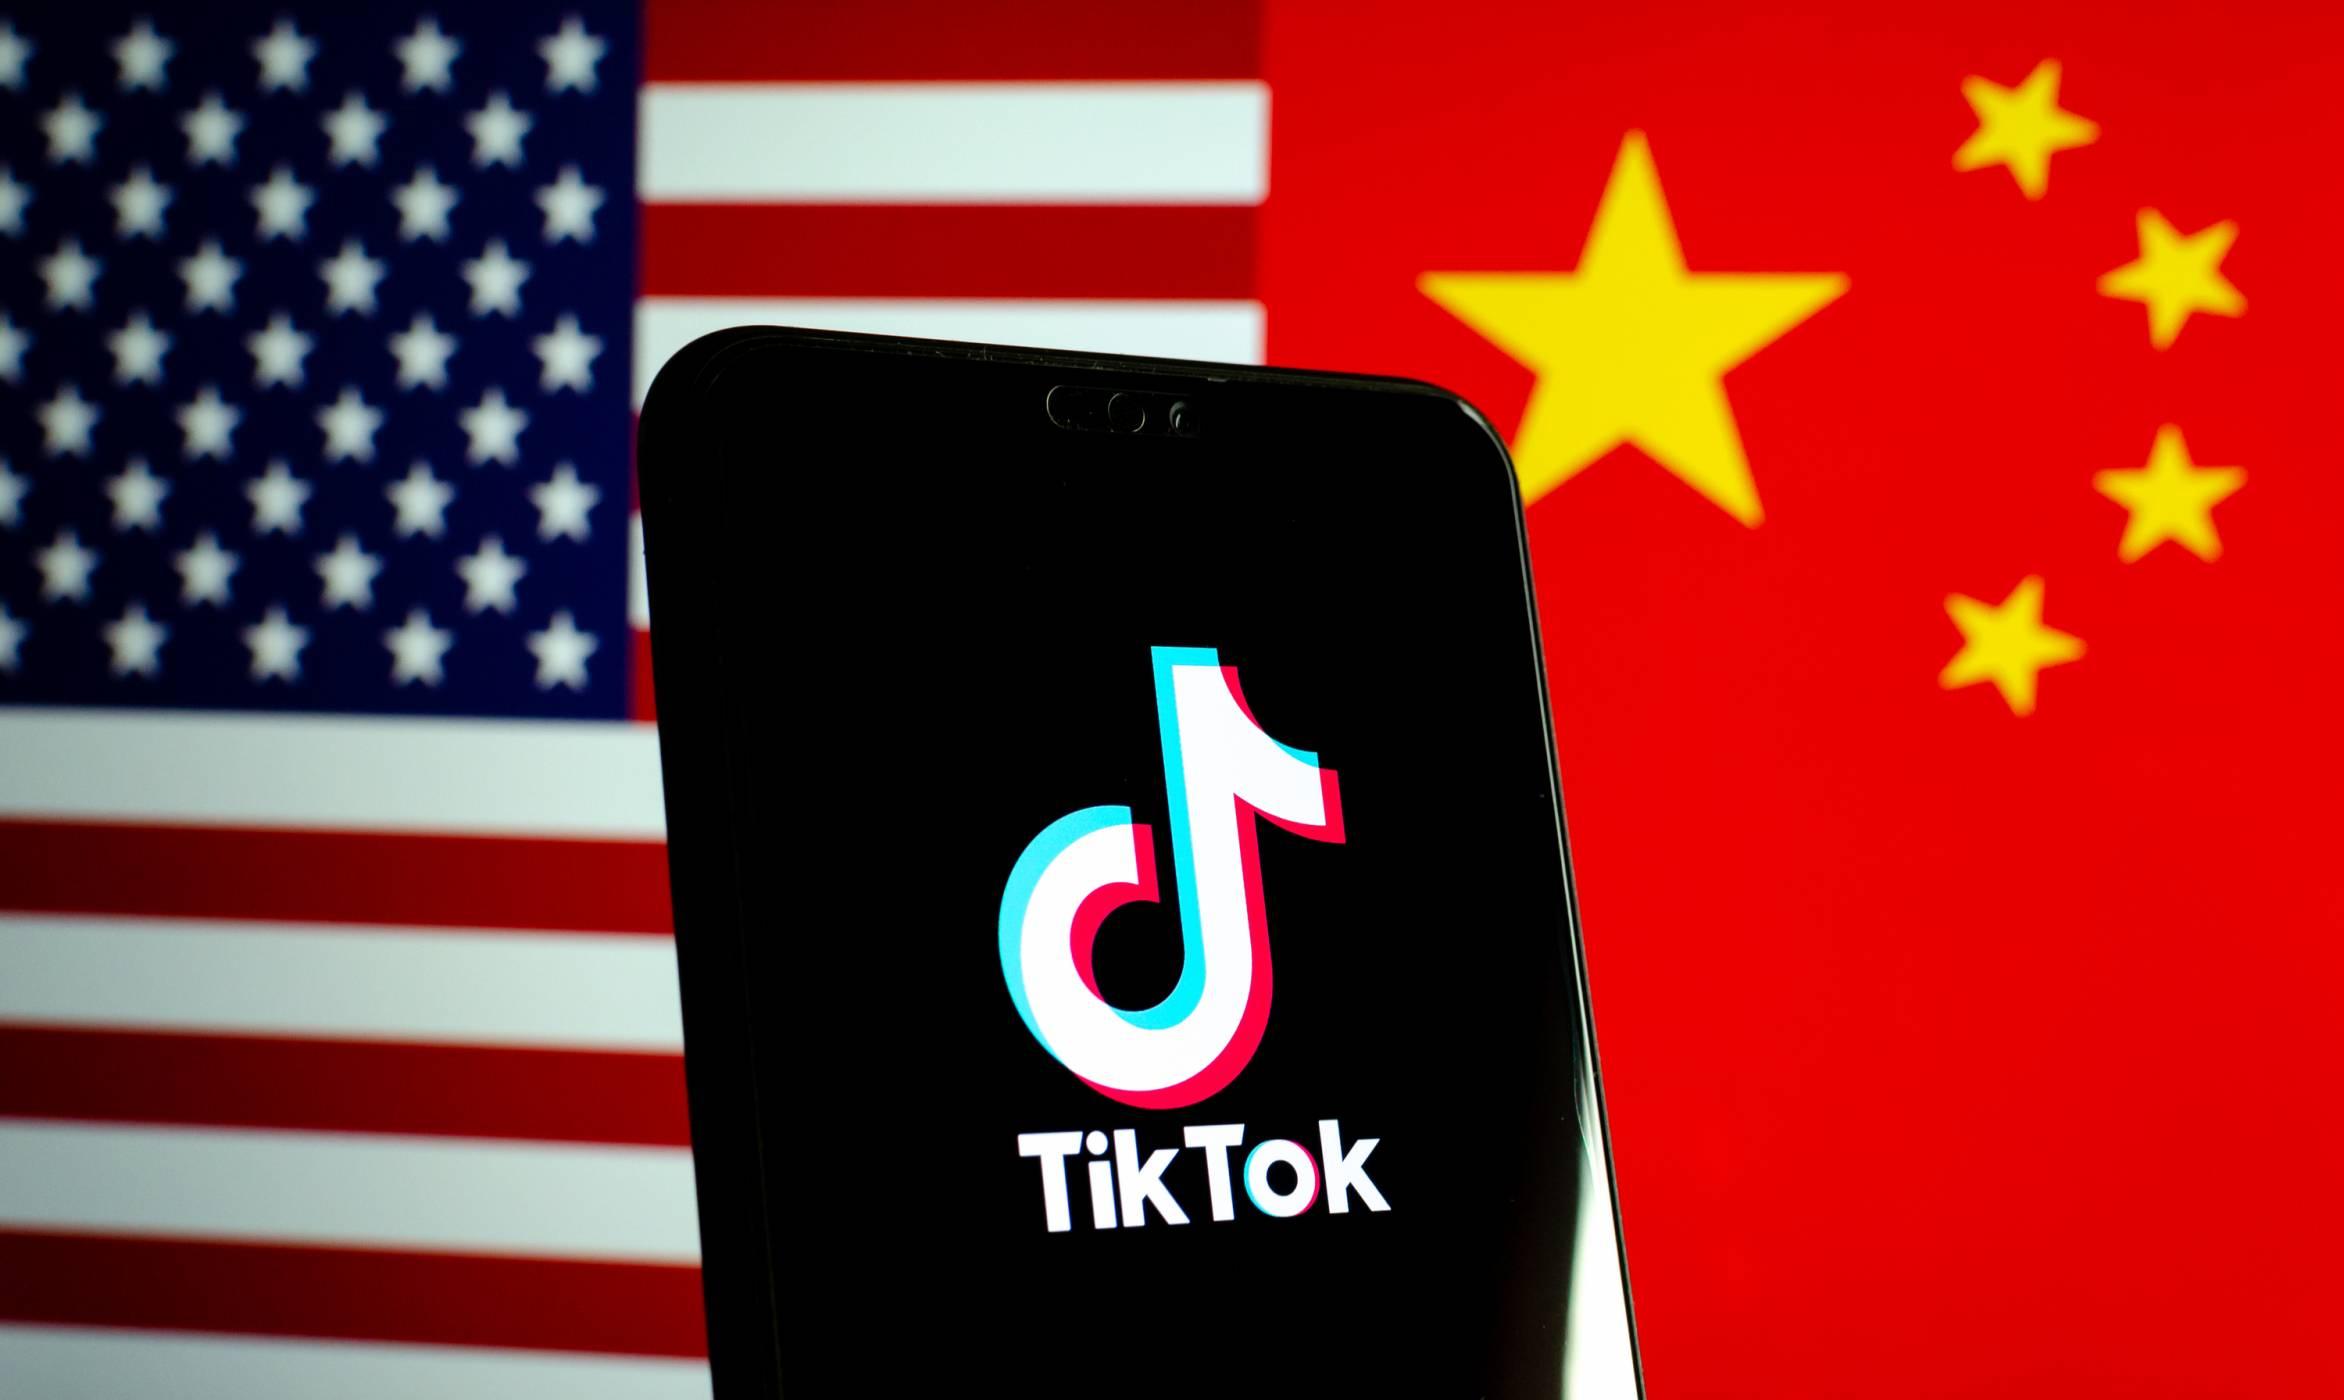 Сагата TikTok – стойността на Microsoft се вдигна със 77 милиарда, а сега и Twitter иска да закупи приложението?